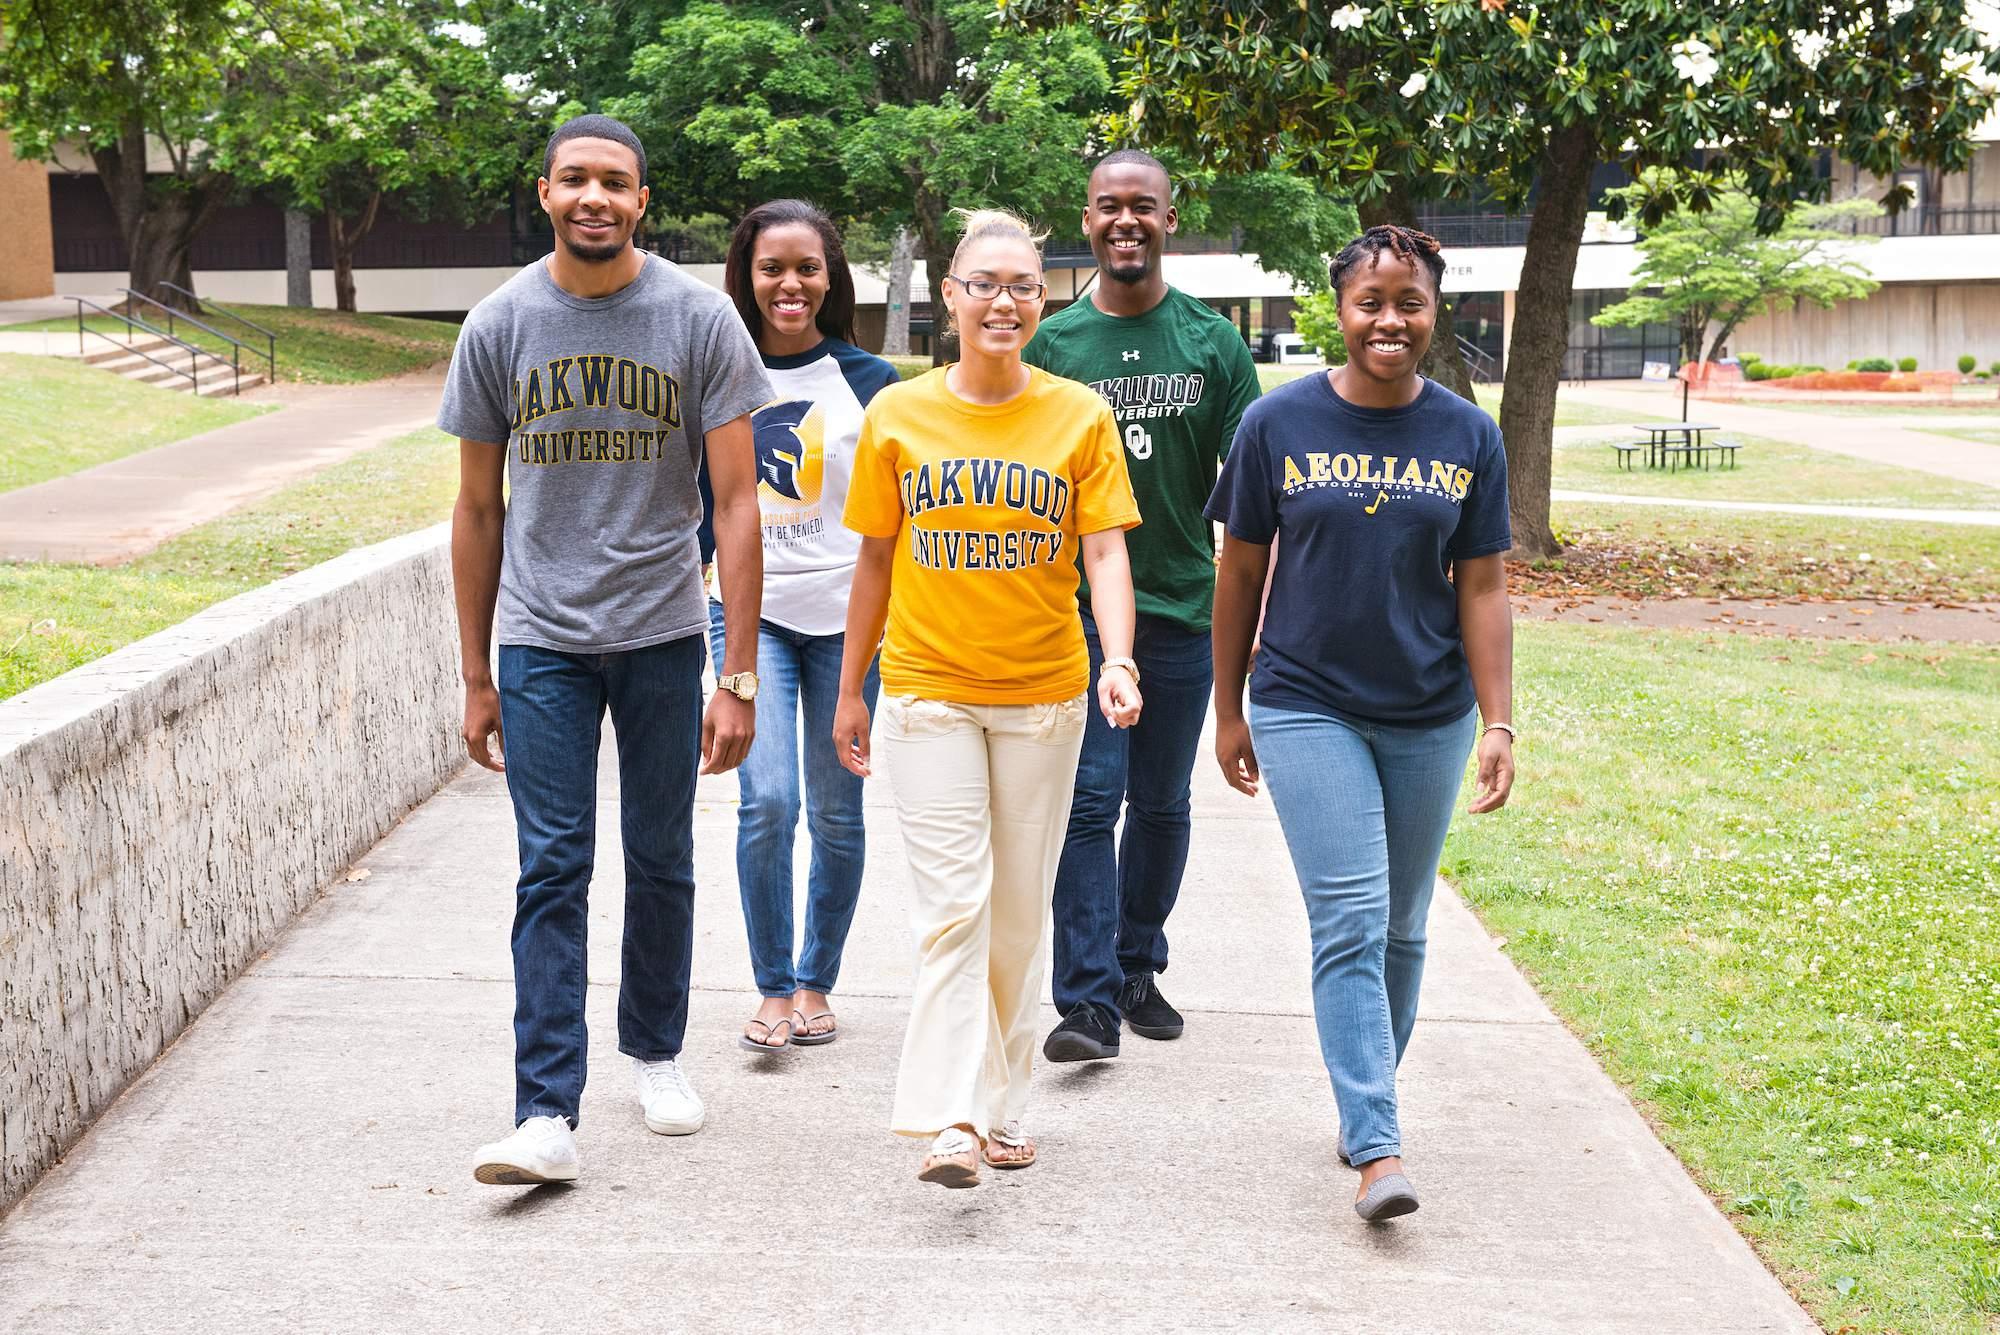 Oakwood University- Freshmen, Sophomores, Juniors & Seniors